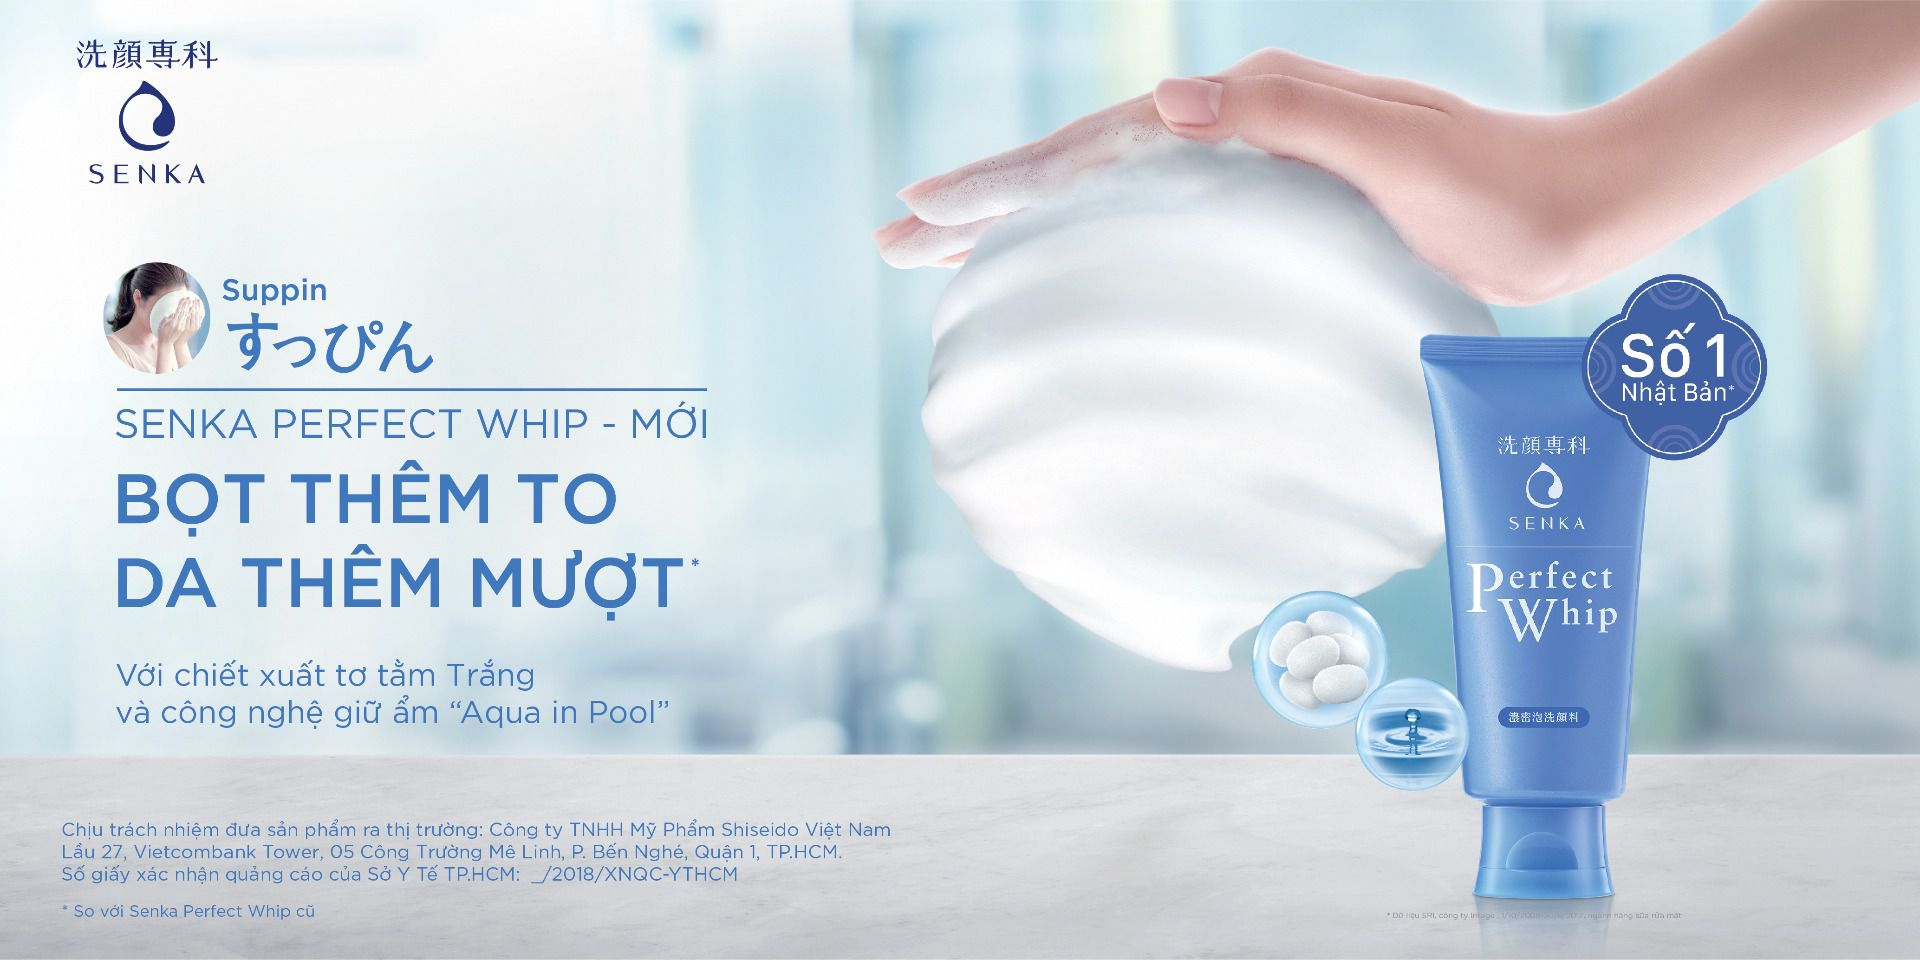 Sữa rửa mặt trị mụn senka